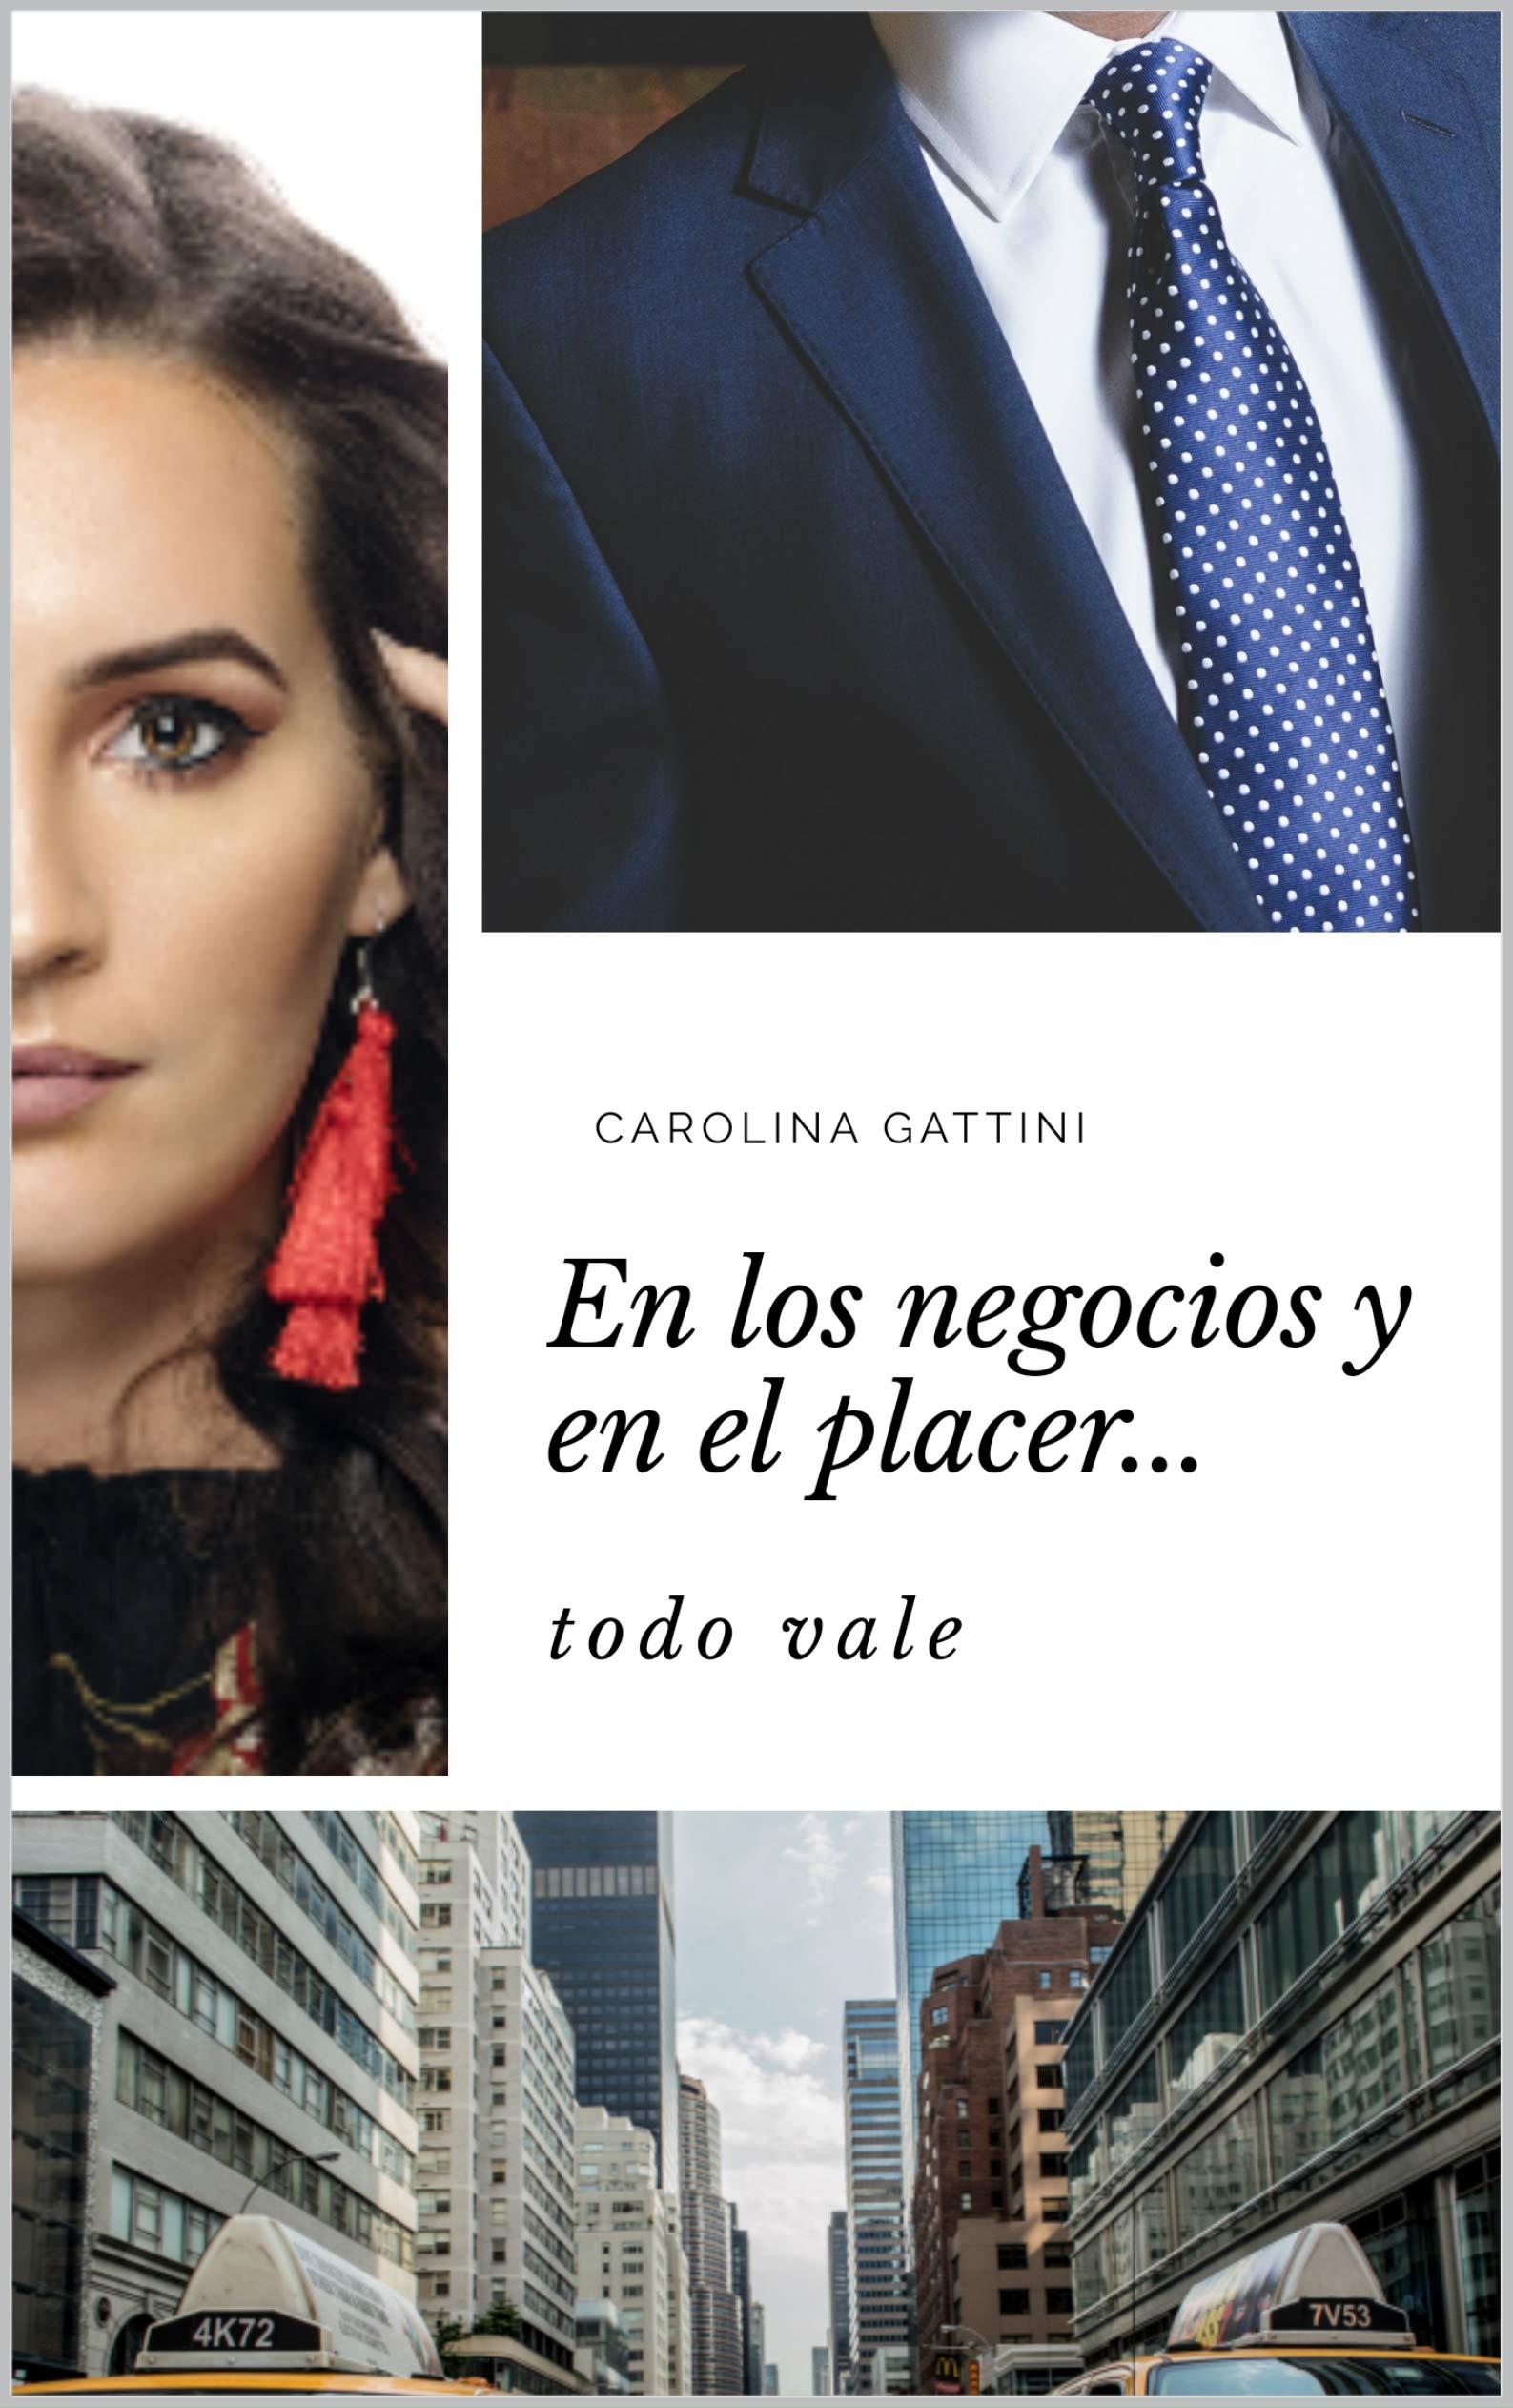 En los negocios y en el placer... : todo vale. por Carolina Gattini